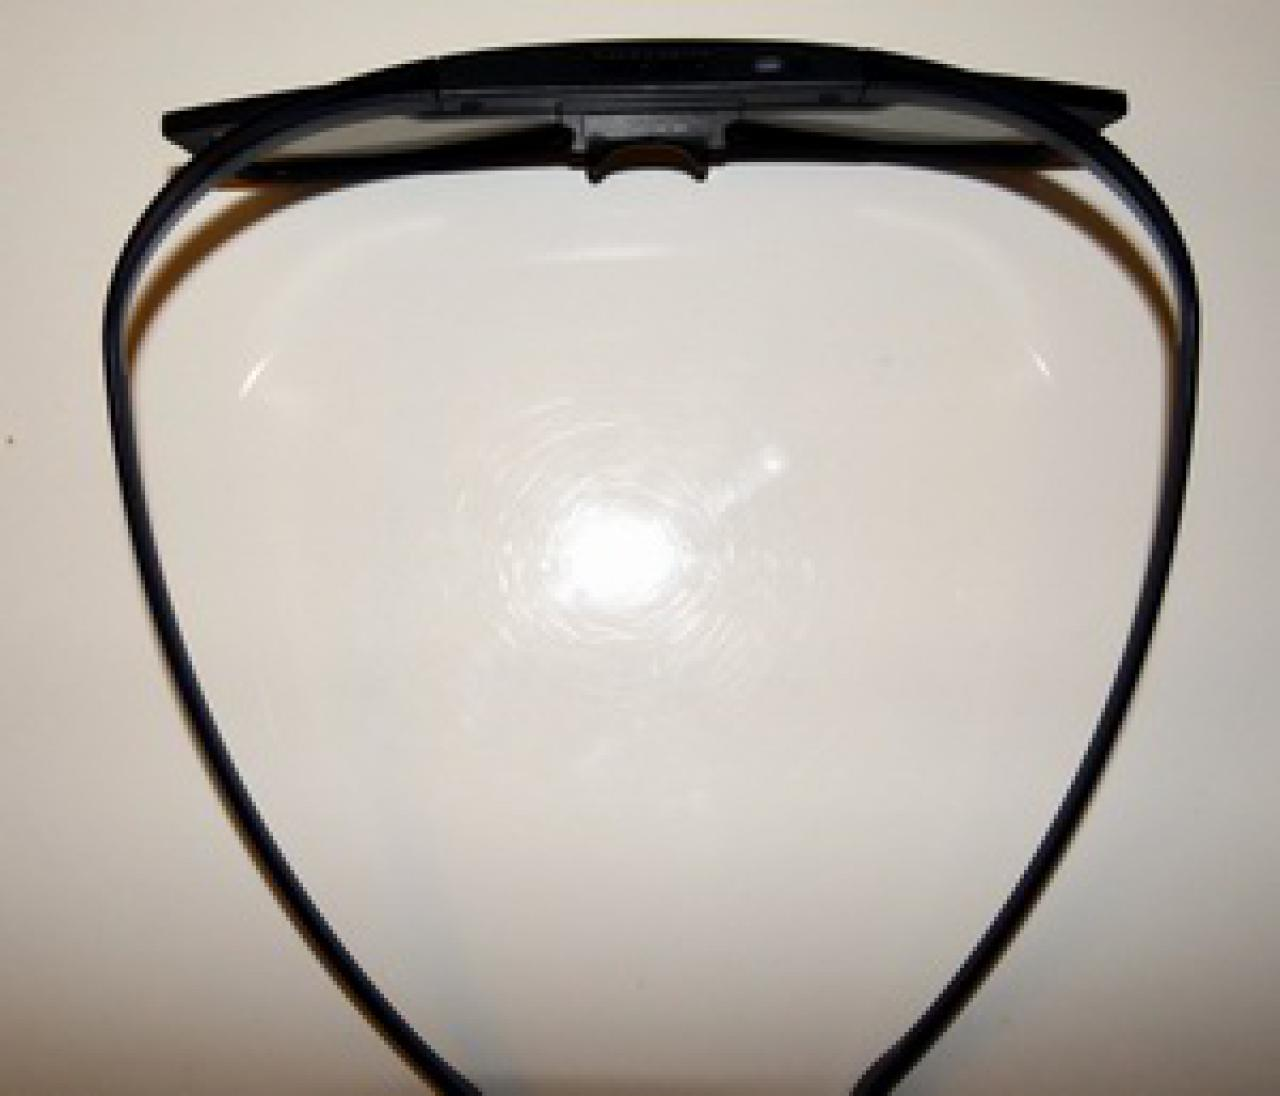 Heimkino-3D-Brille-Bild5_1